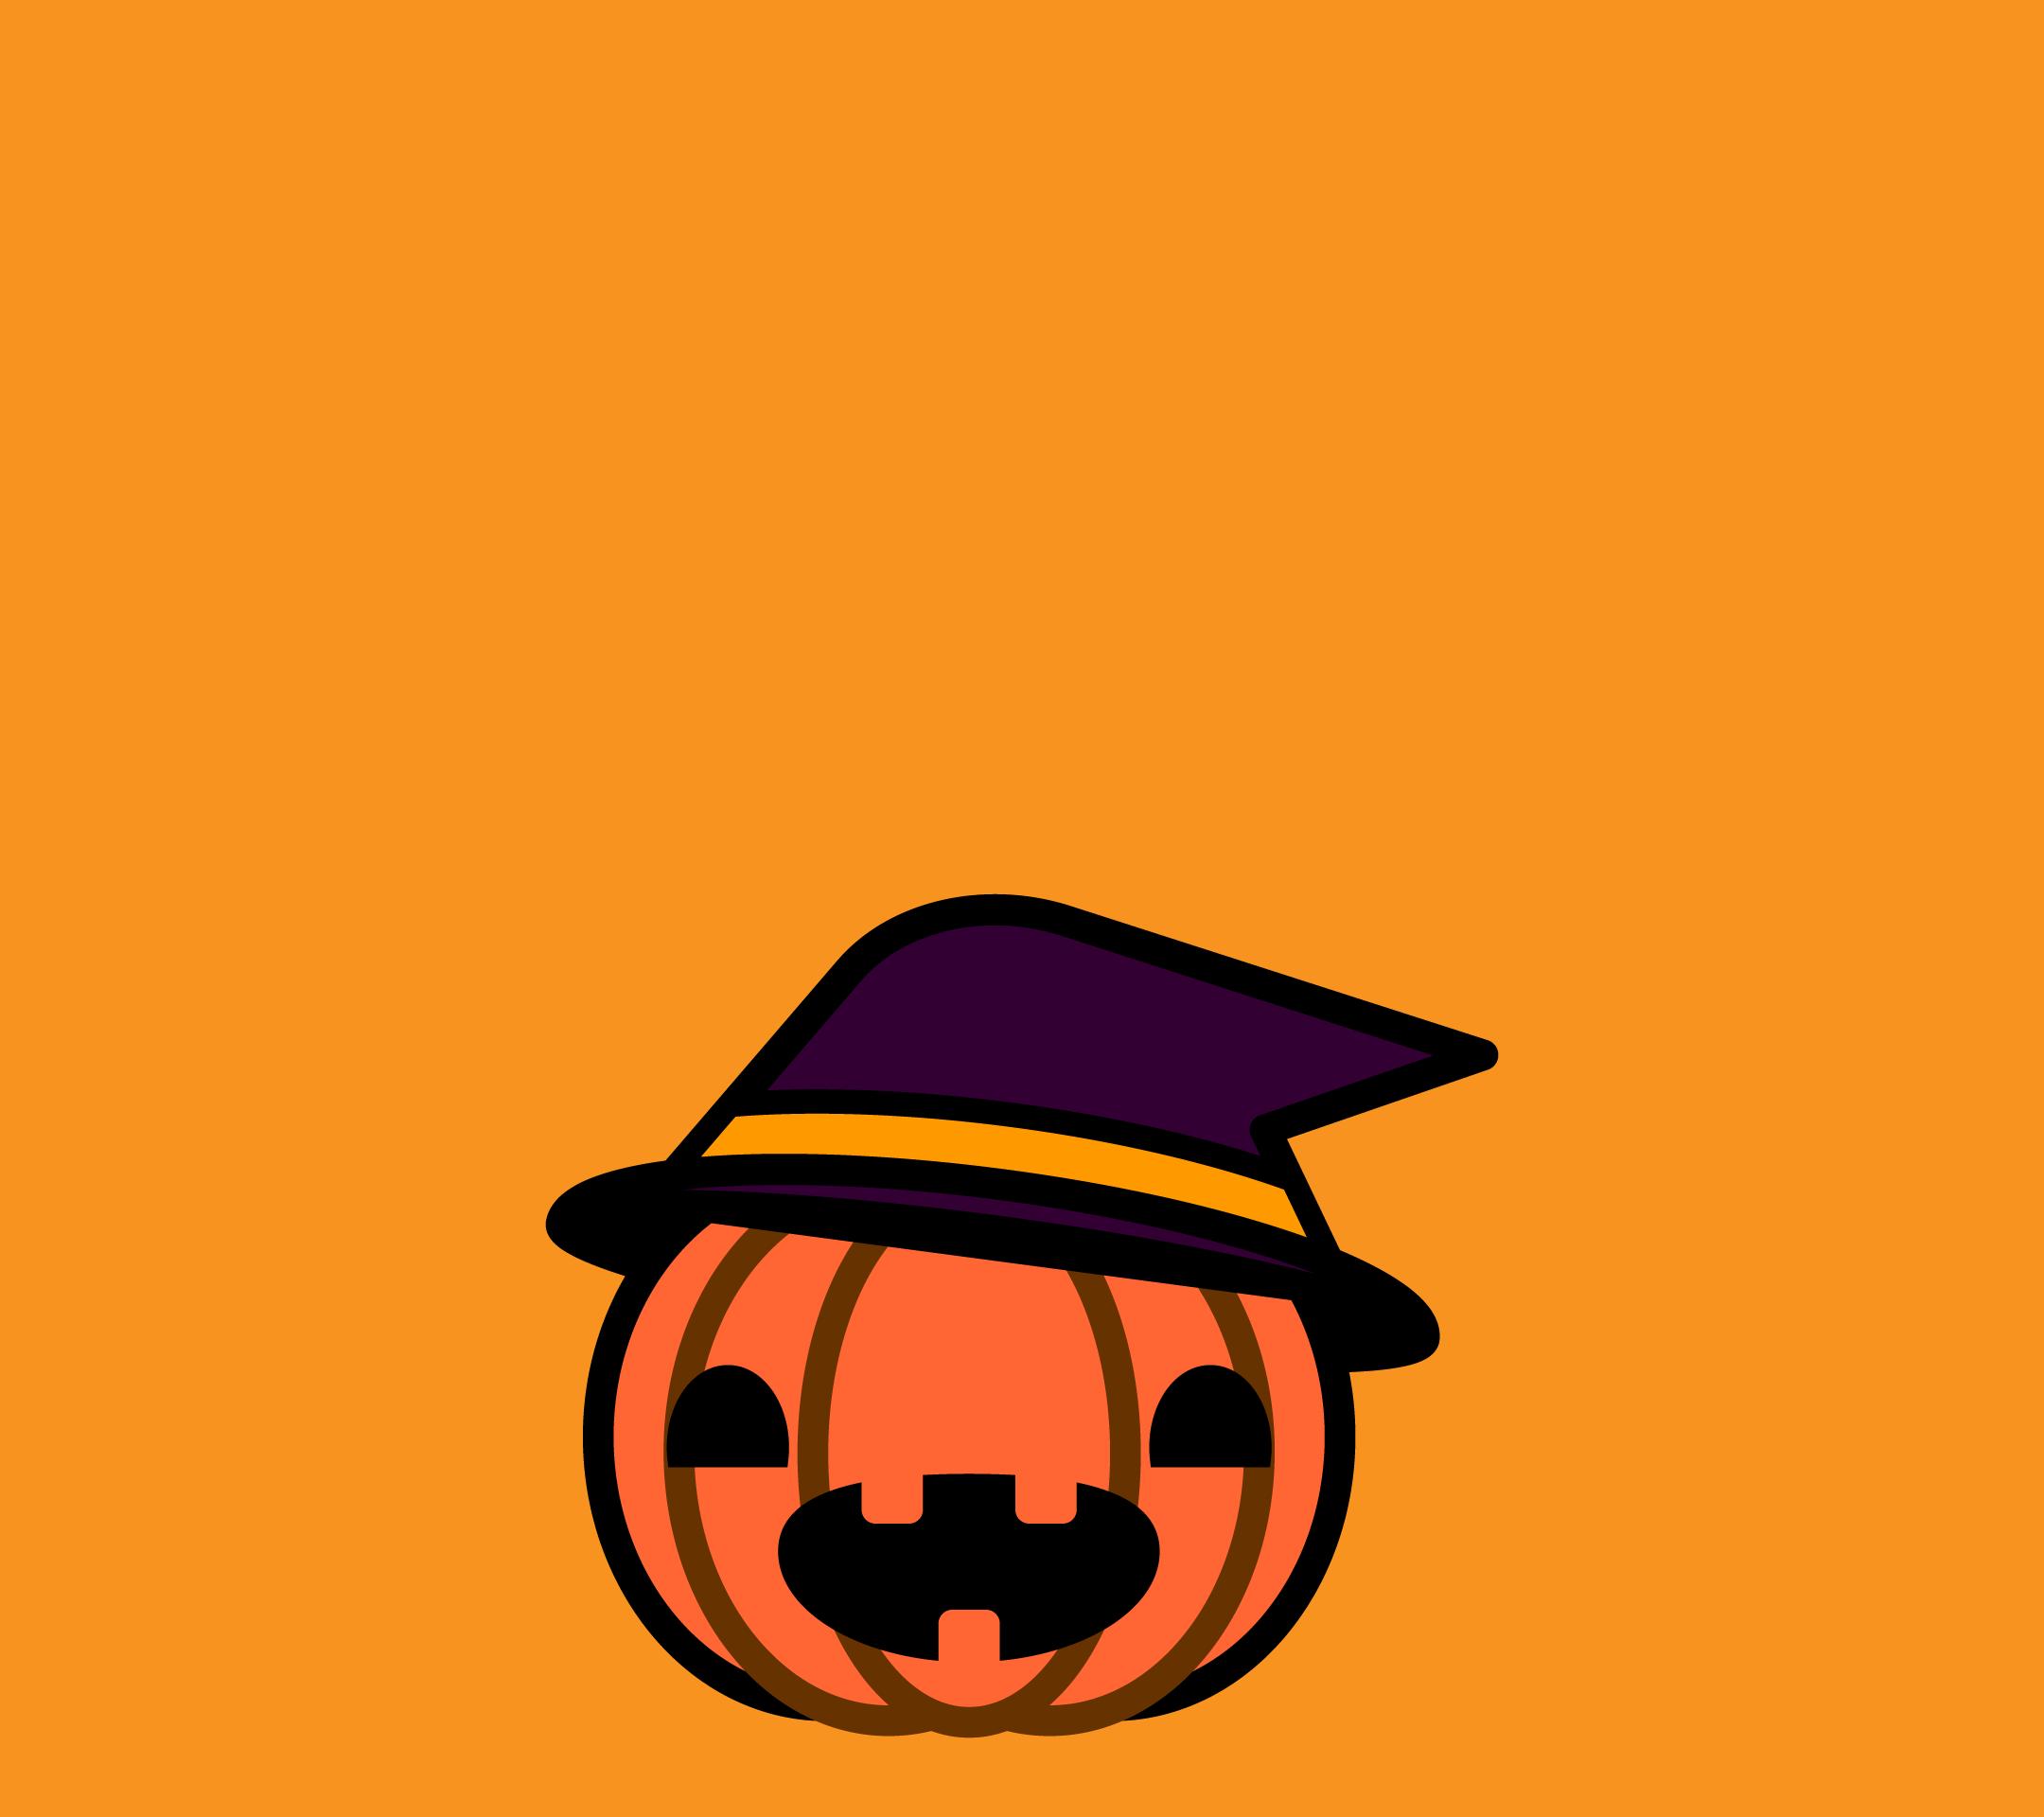 かわいいハロウィンかぼちゃ3壁紙(Android)の無料イラスト・商用フリー